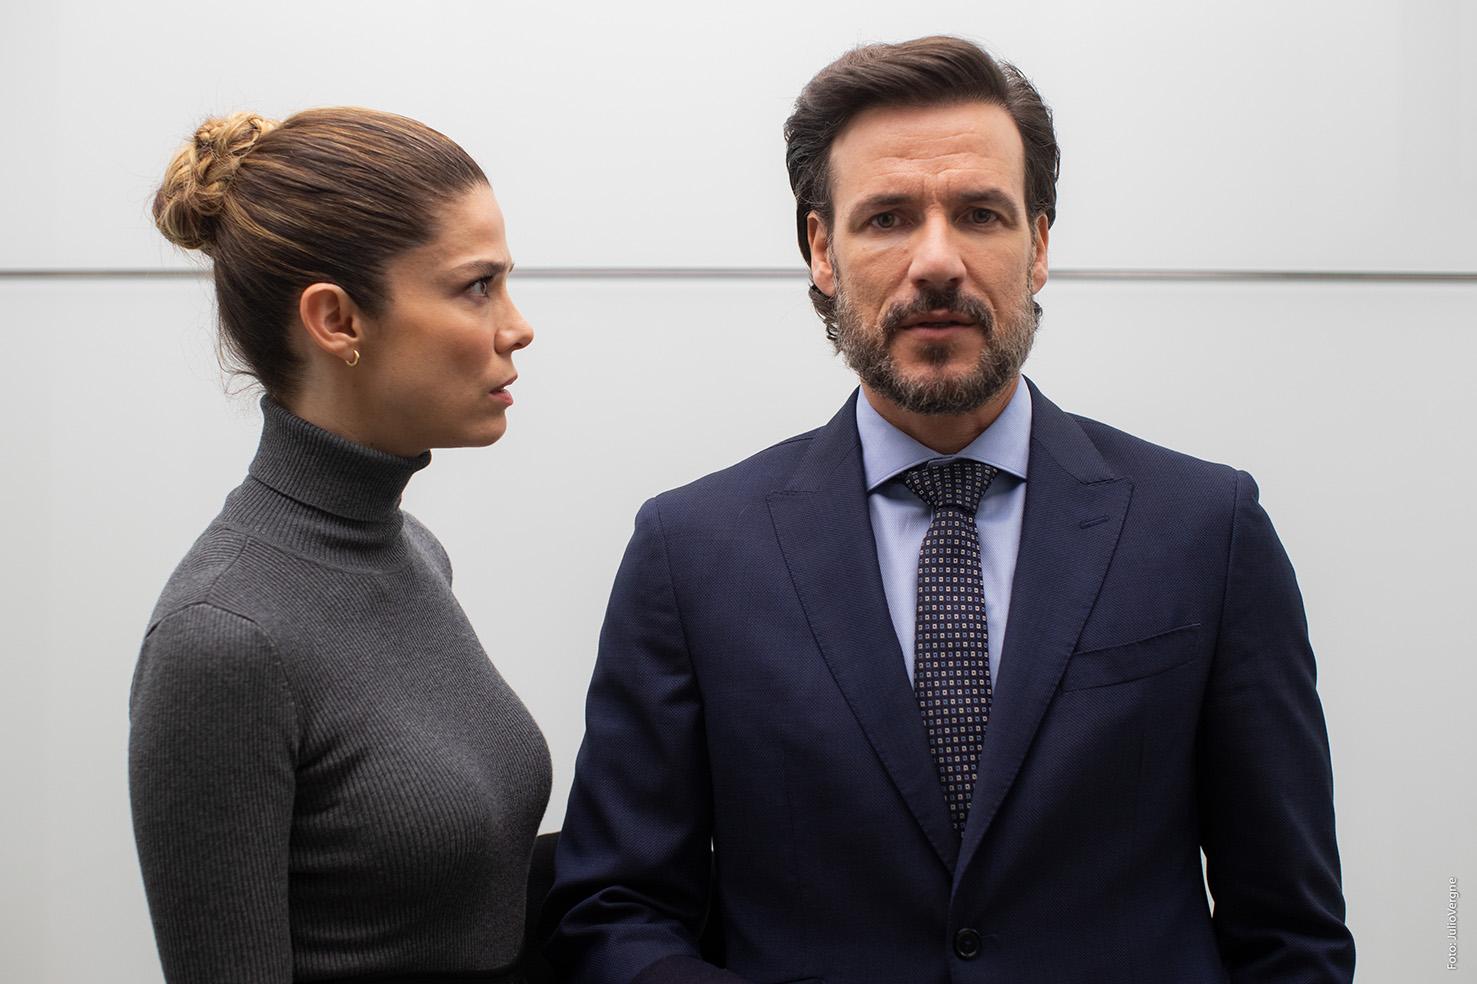 El inconveniente, ópera prima de Bernabé Rico, se estrena en cines en abril